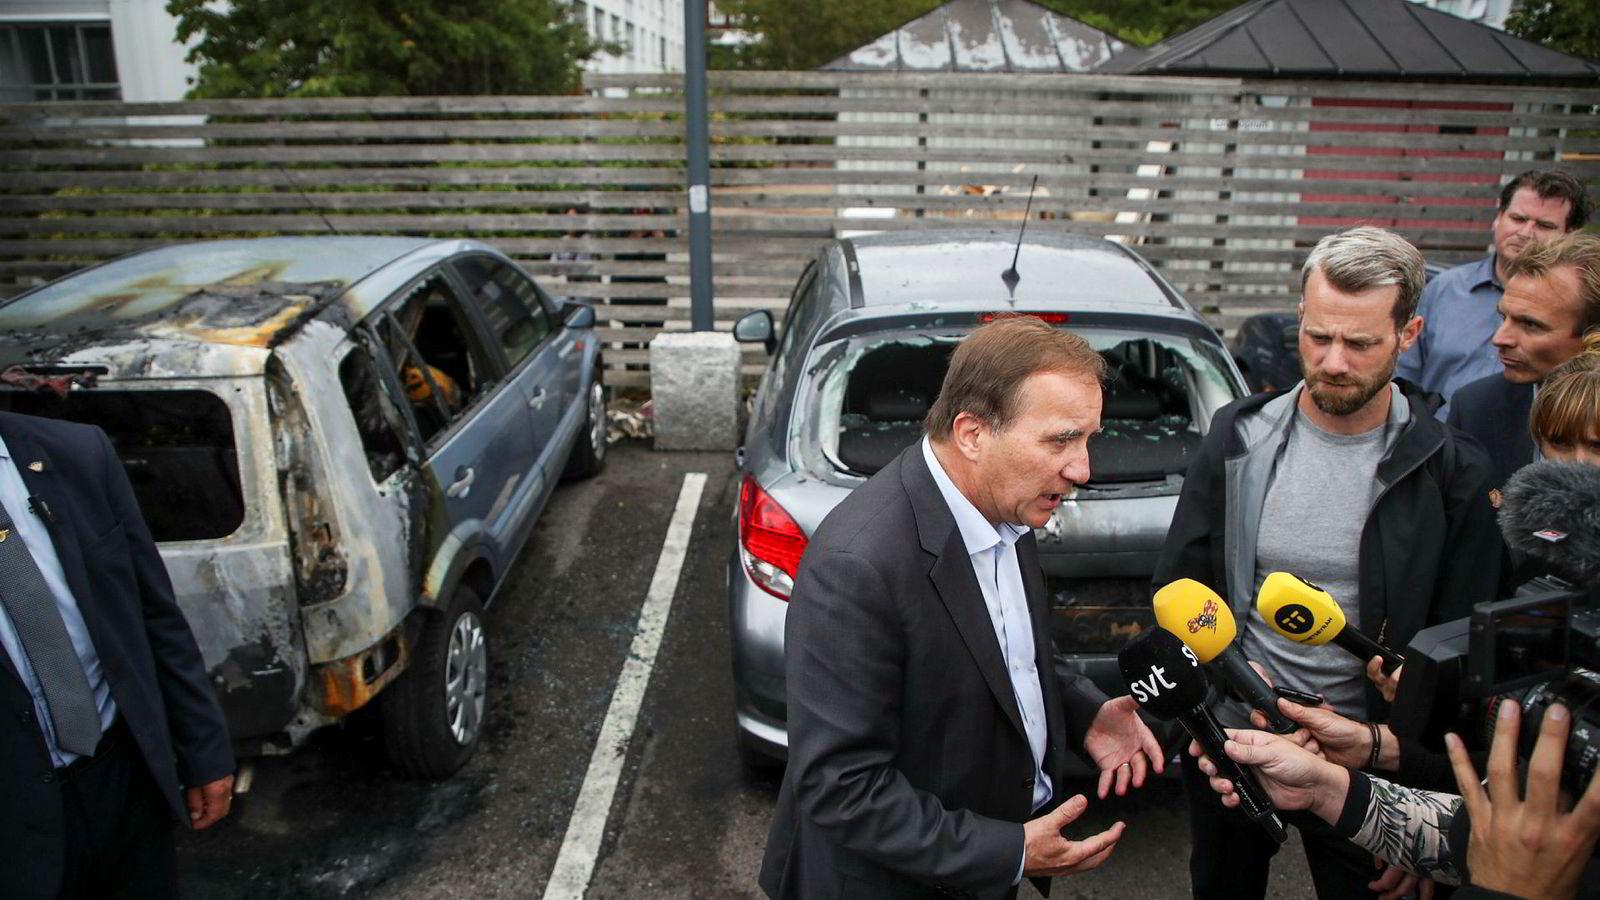 Statsminister Stefan Löfven er blitt kritisert for dårlige debattevner. Her snakker han med pressen på Frölunda torg i Göteborg etter bilbrannene.